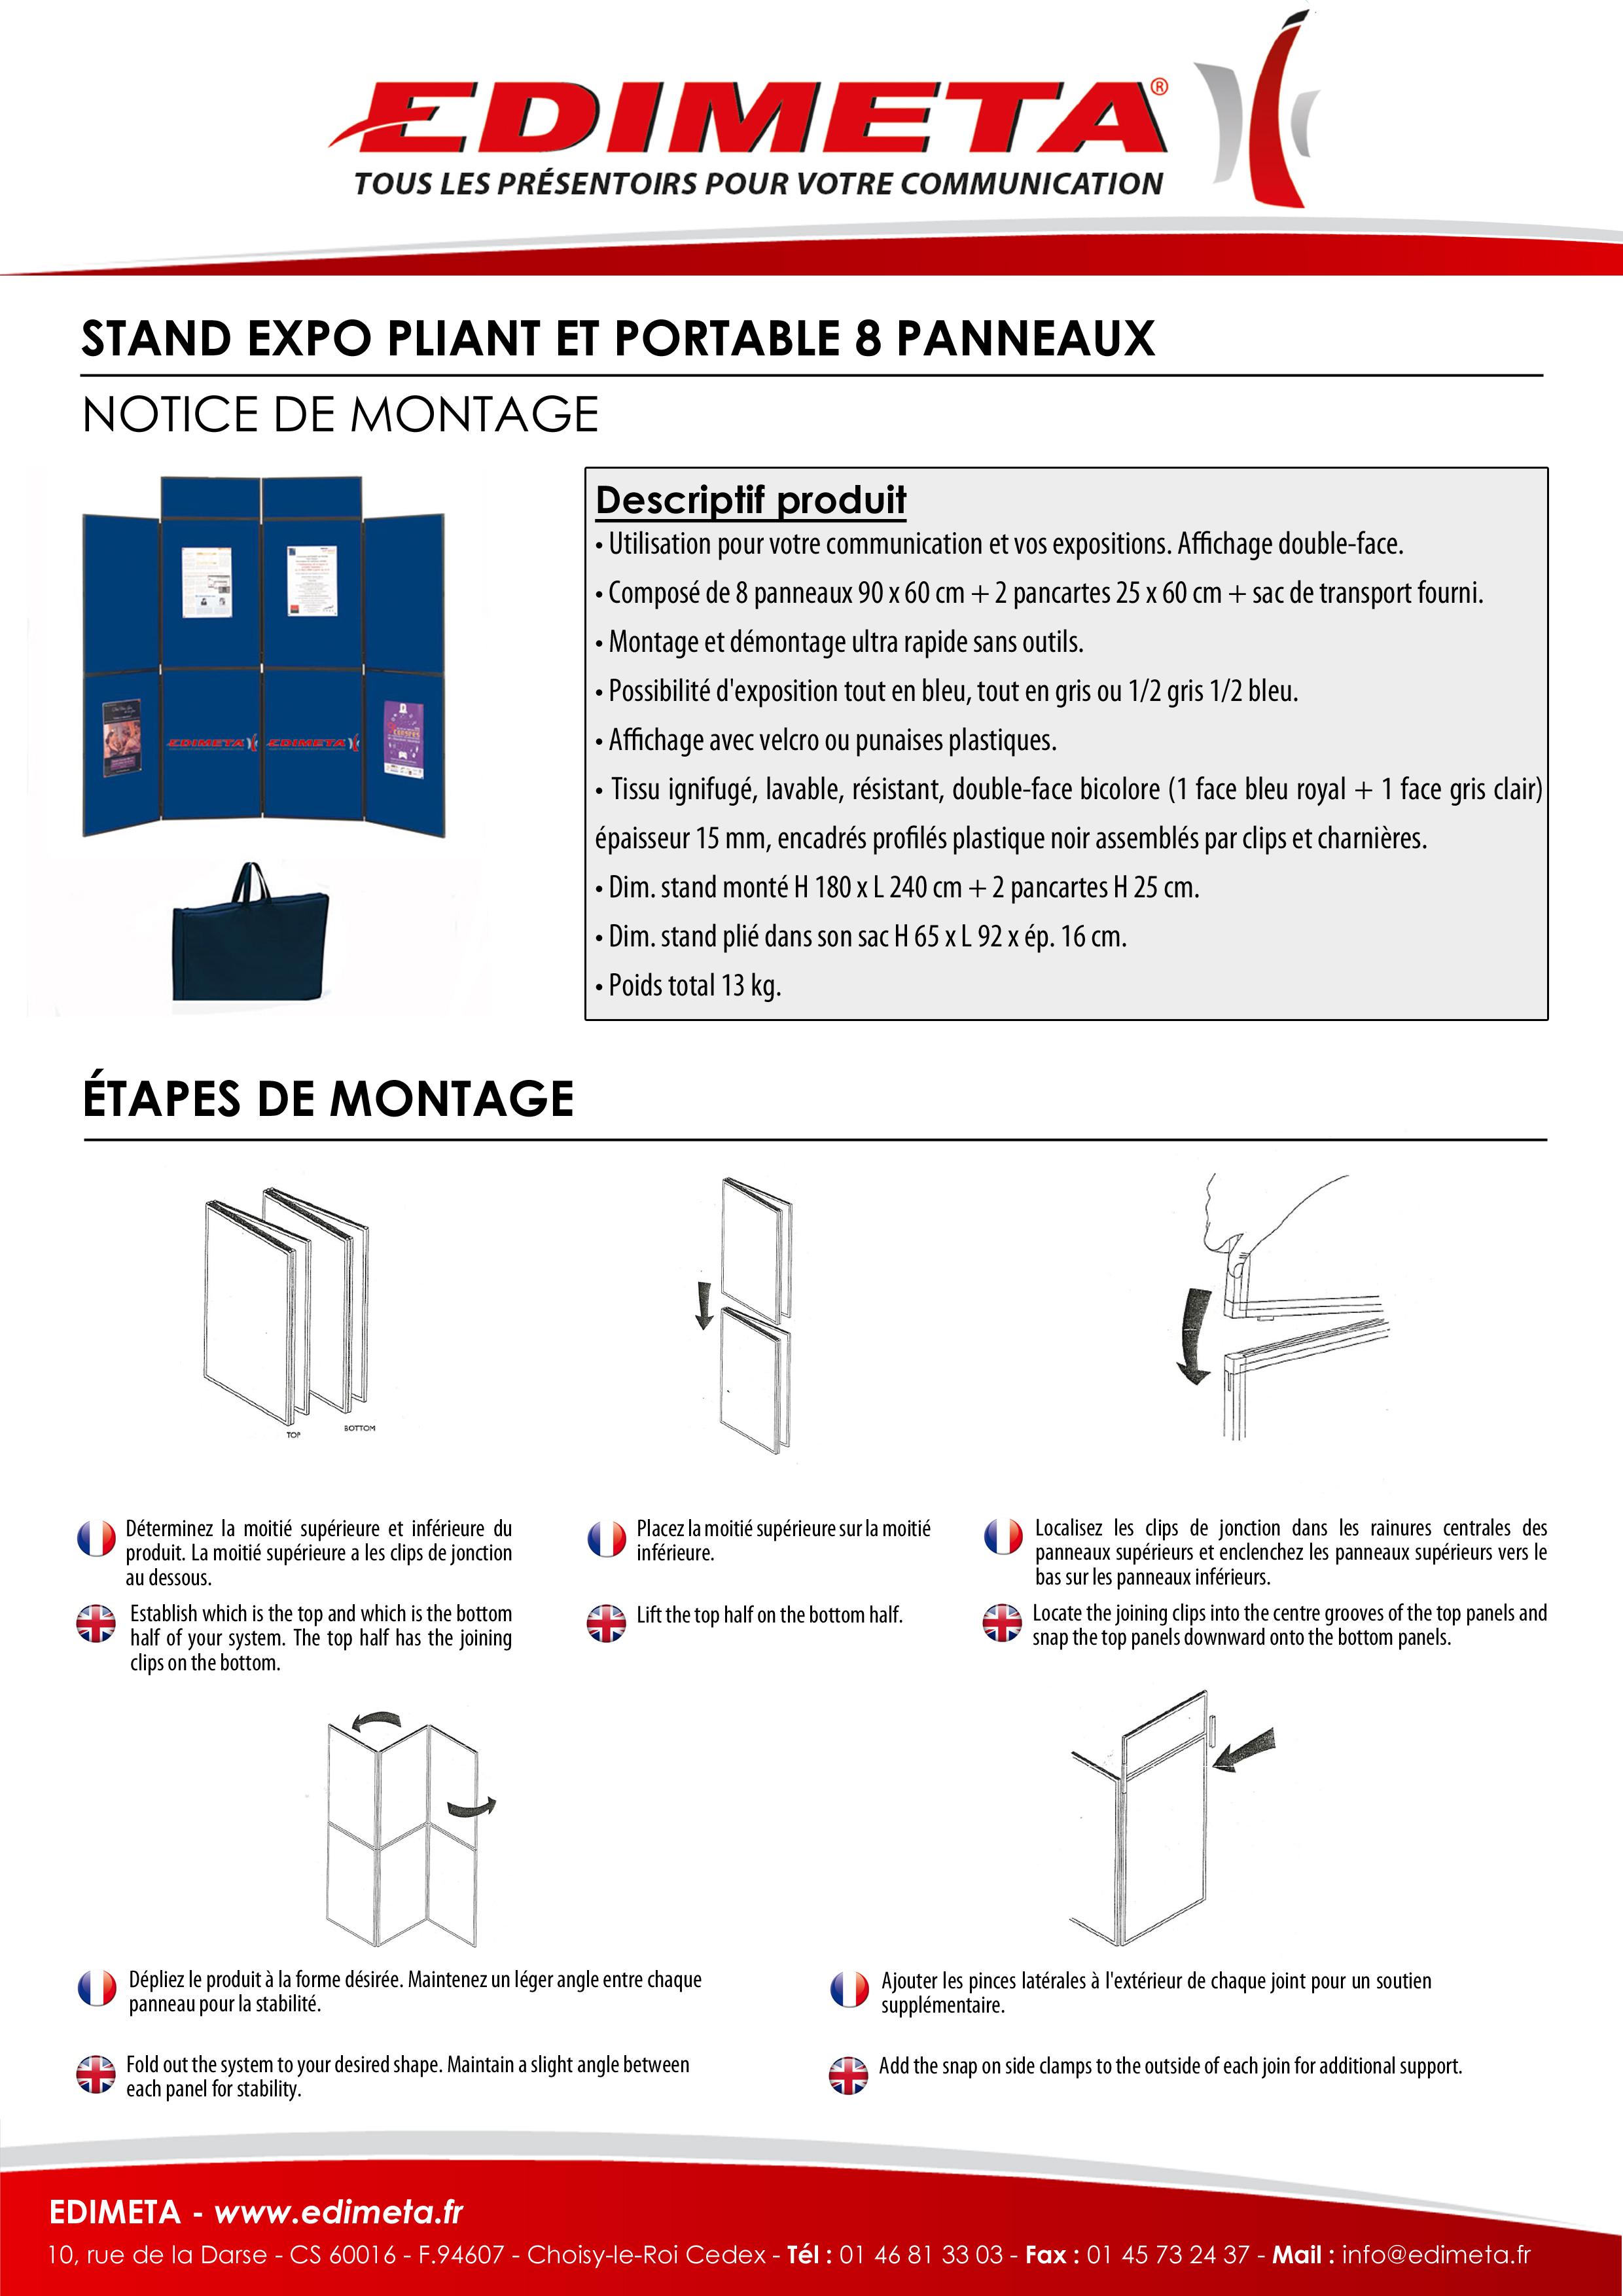 NOTICE DE MONTAGE : STAND EXPO PLIANT ET PORTABLE 8 PANNEAUX